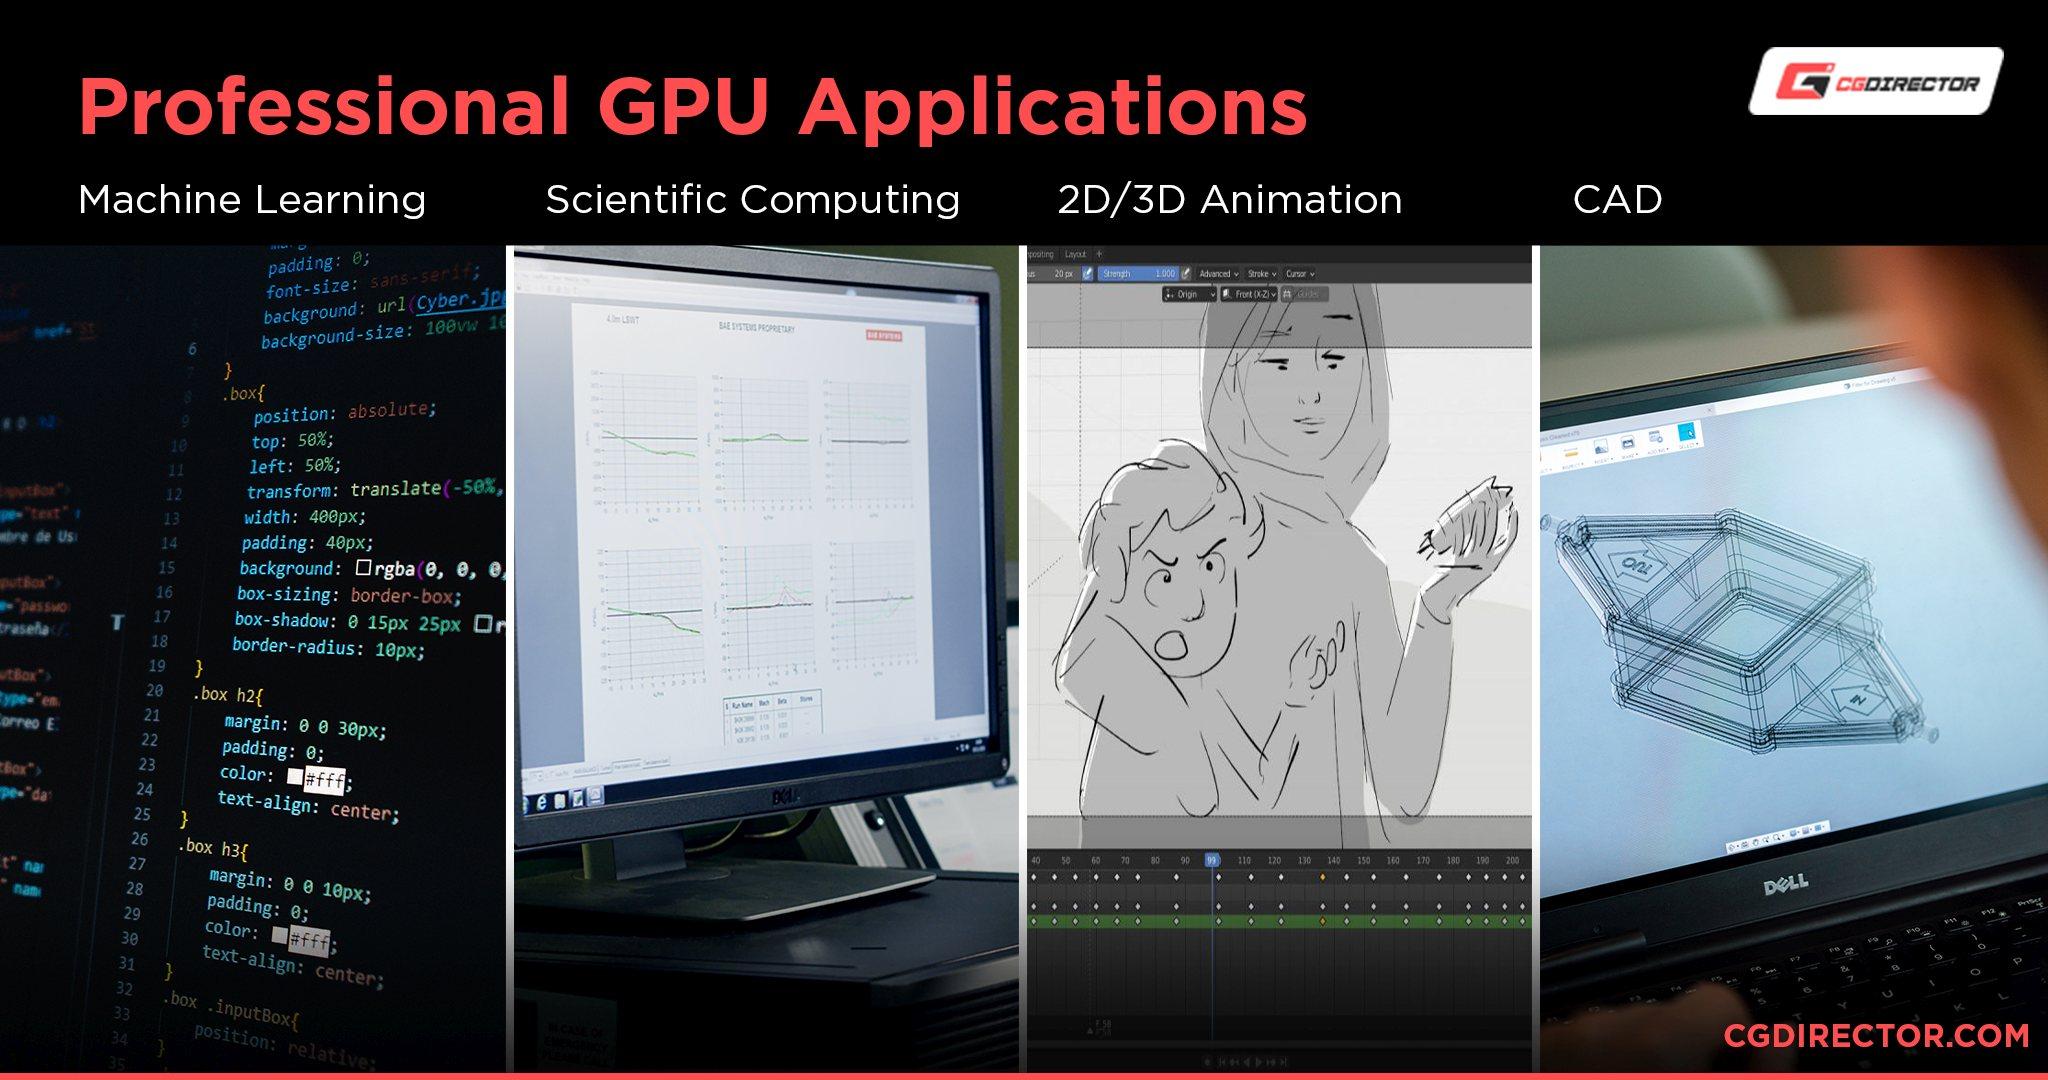 Professional GPU Applications 2